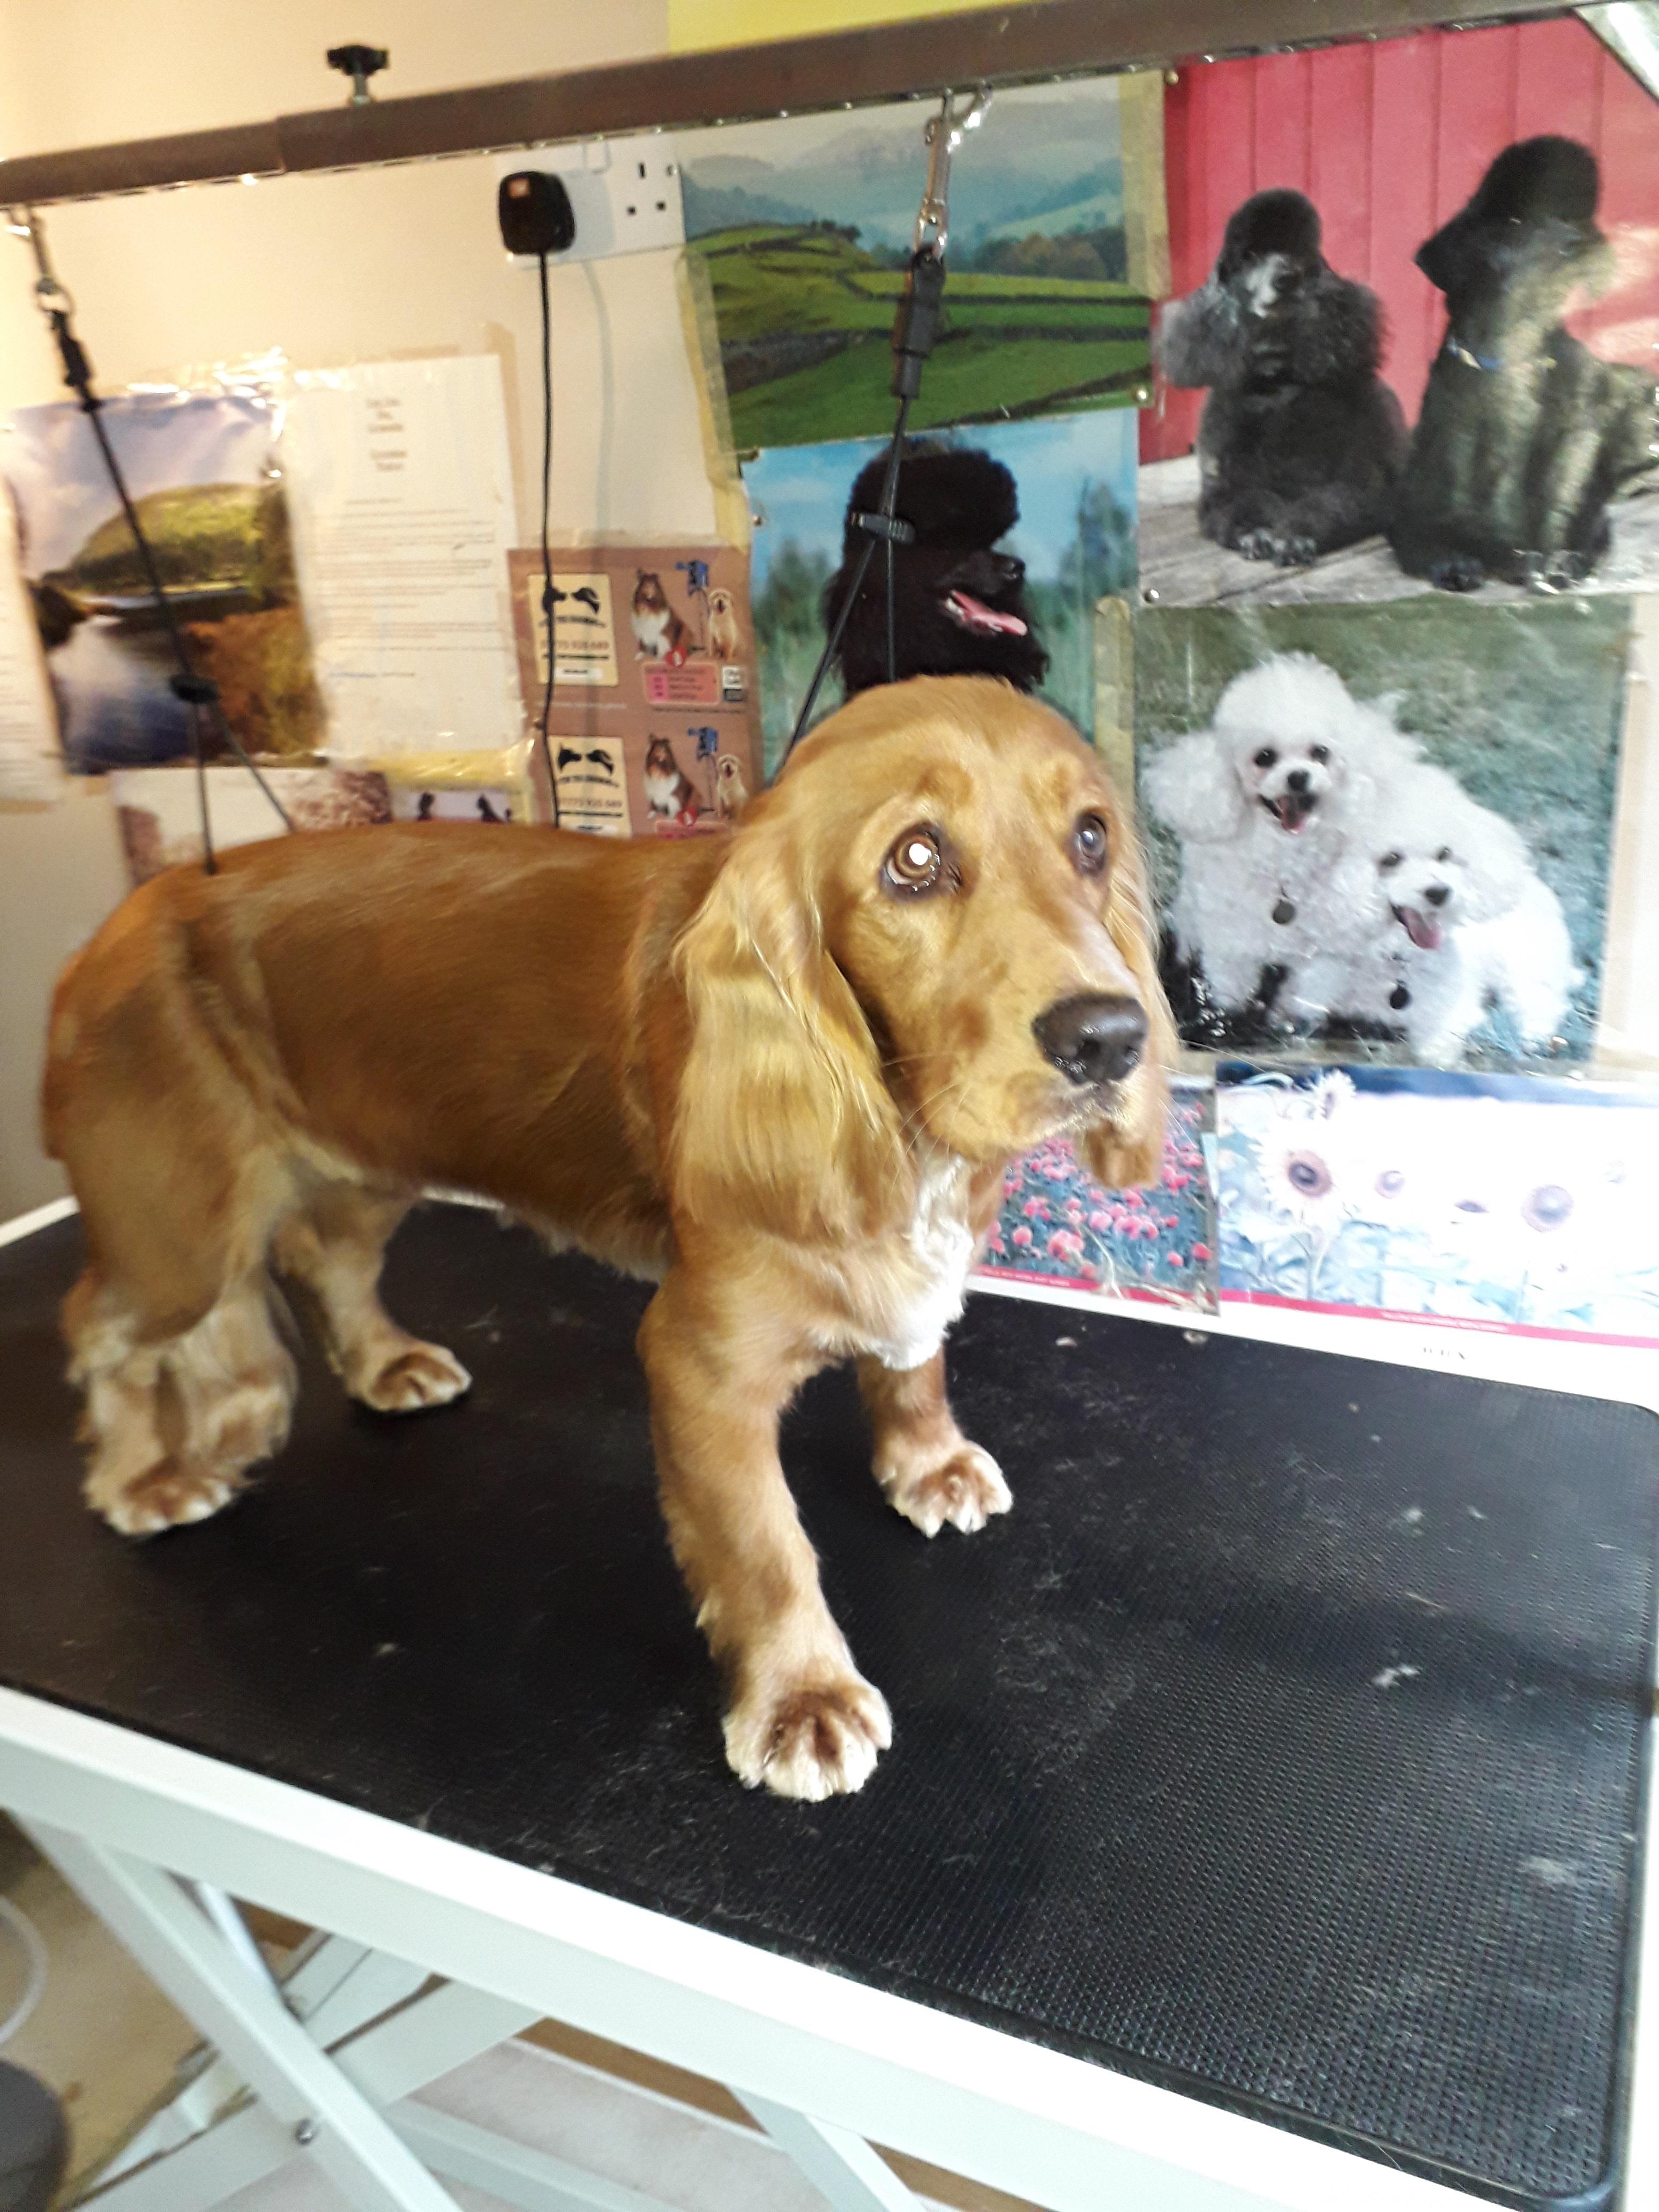 burnage dog groomers